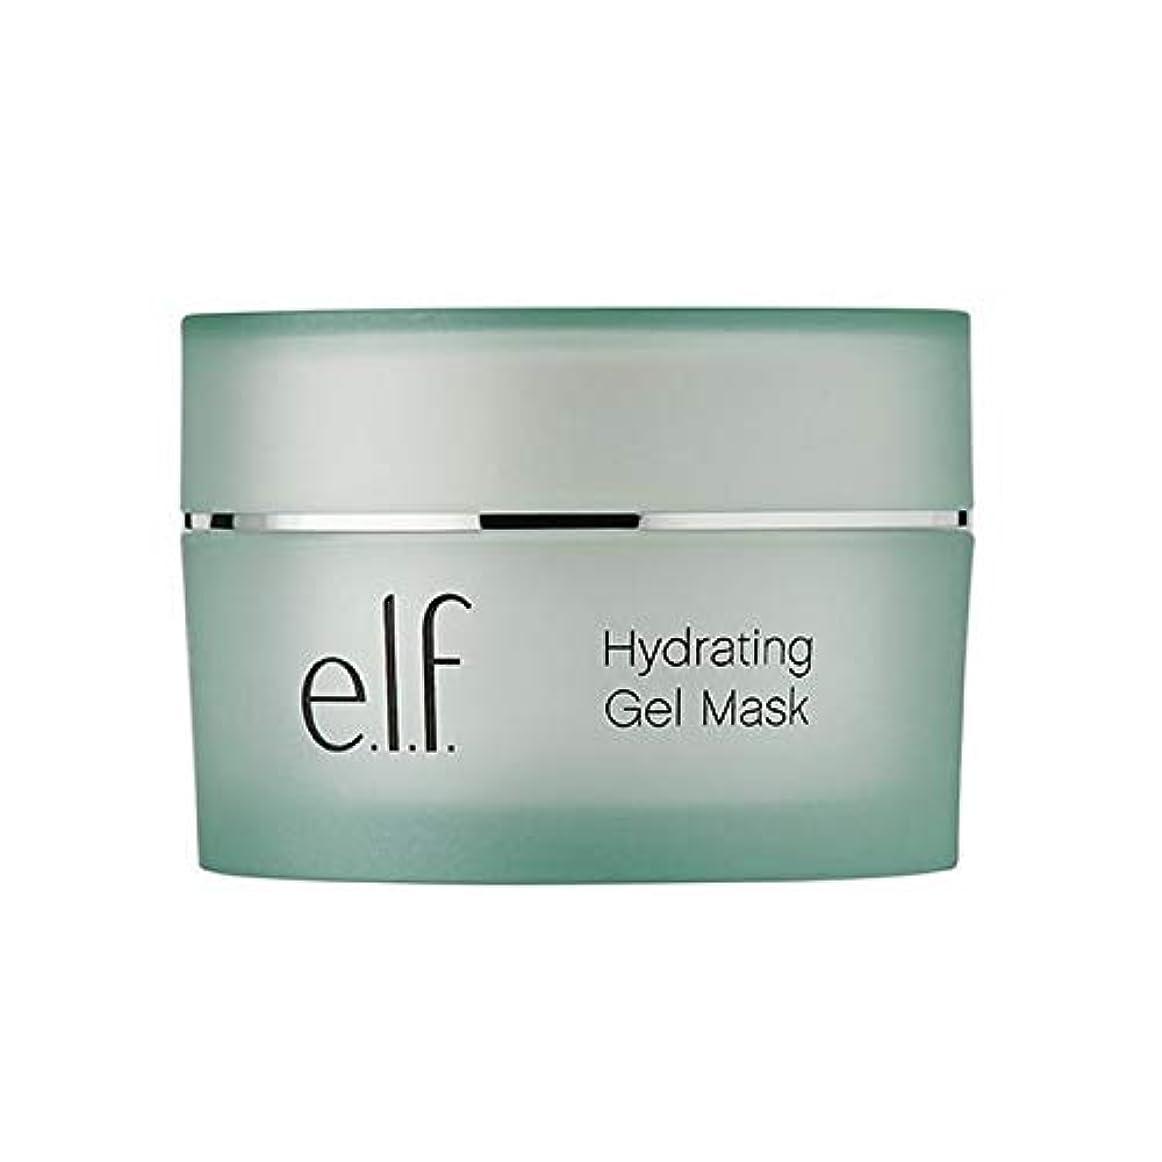 振動するはしご特定の[Elf] エルフ。水和ゲルマスク52ミリリットル - e.l.f. Hydrating Gel Mask 52ml [並行輸入品]